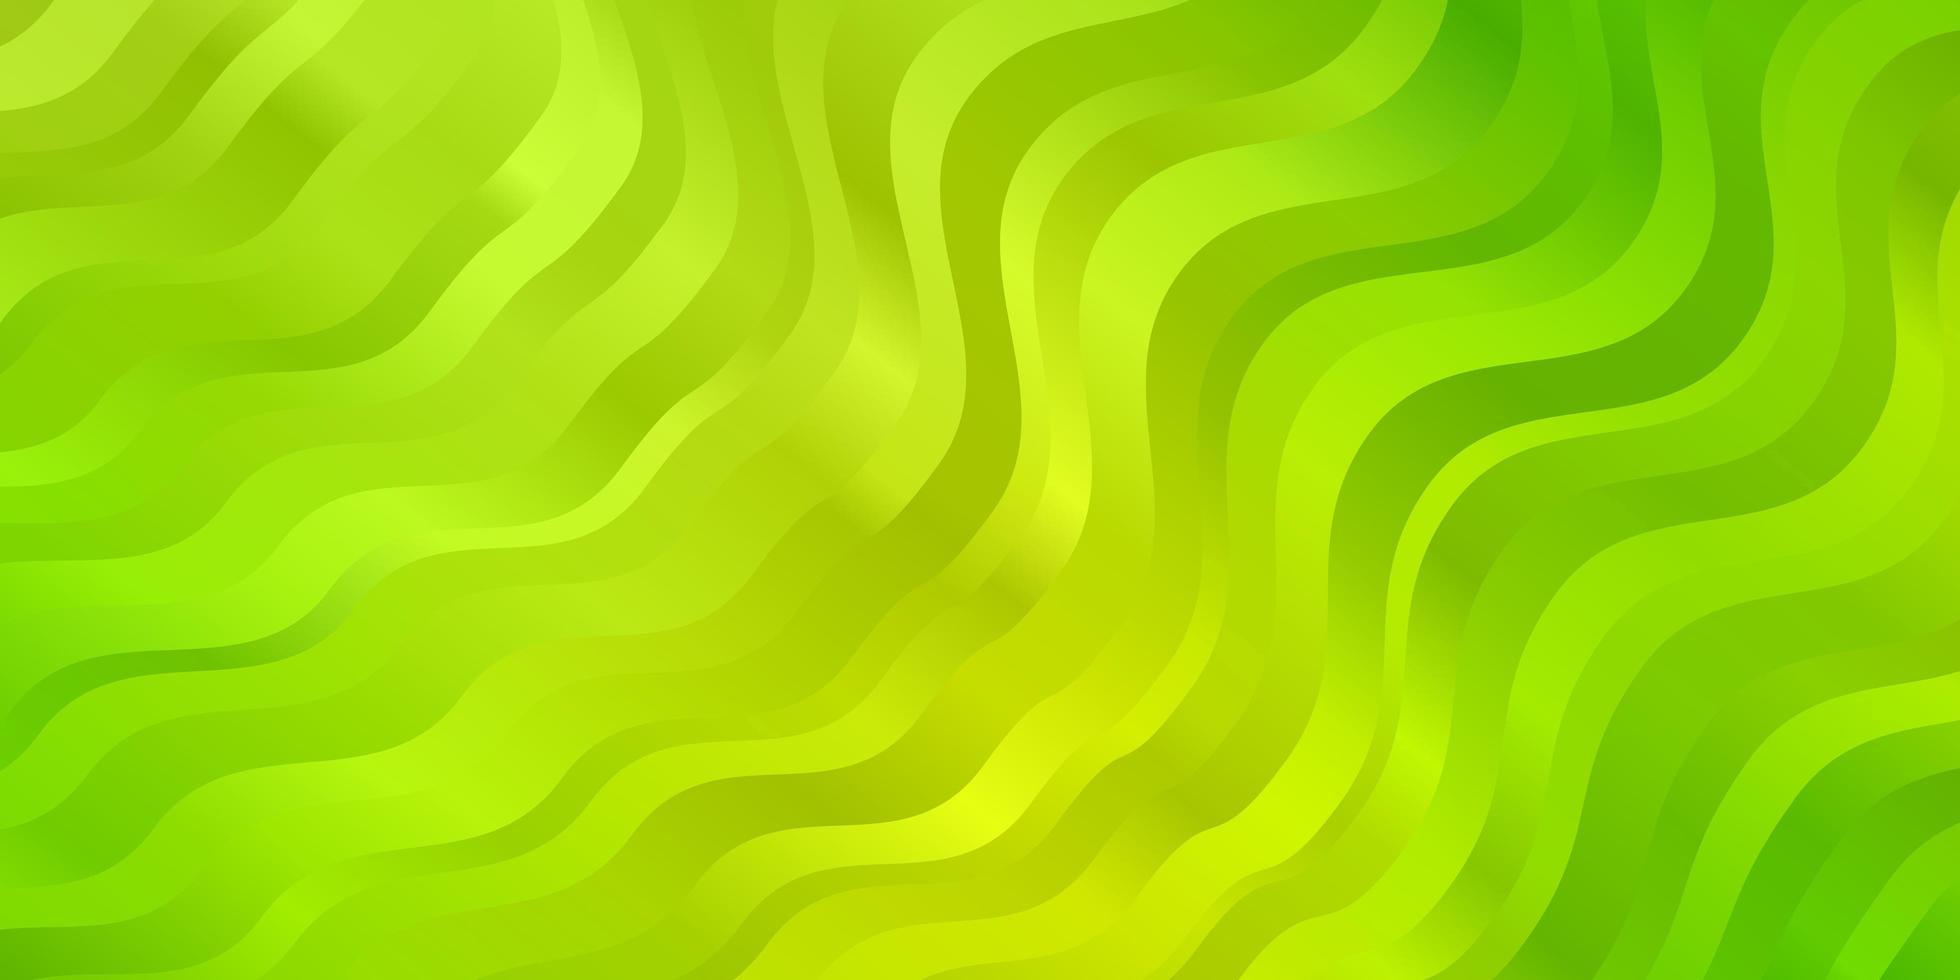 hellgrüner, gelber Vektorhintergrund mit Kurven. vektor